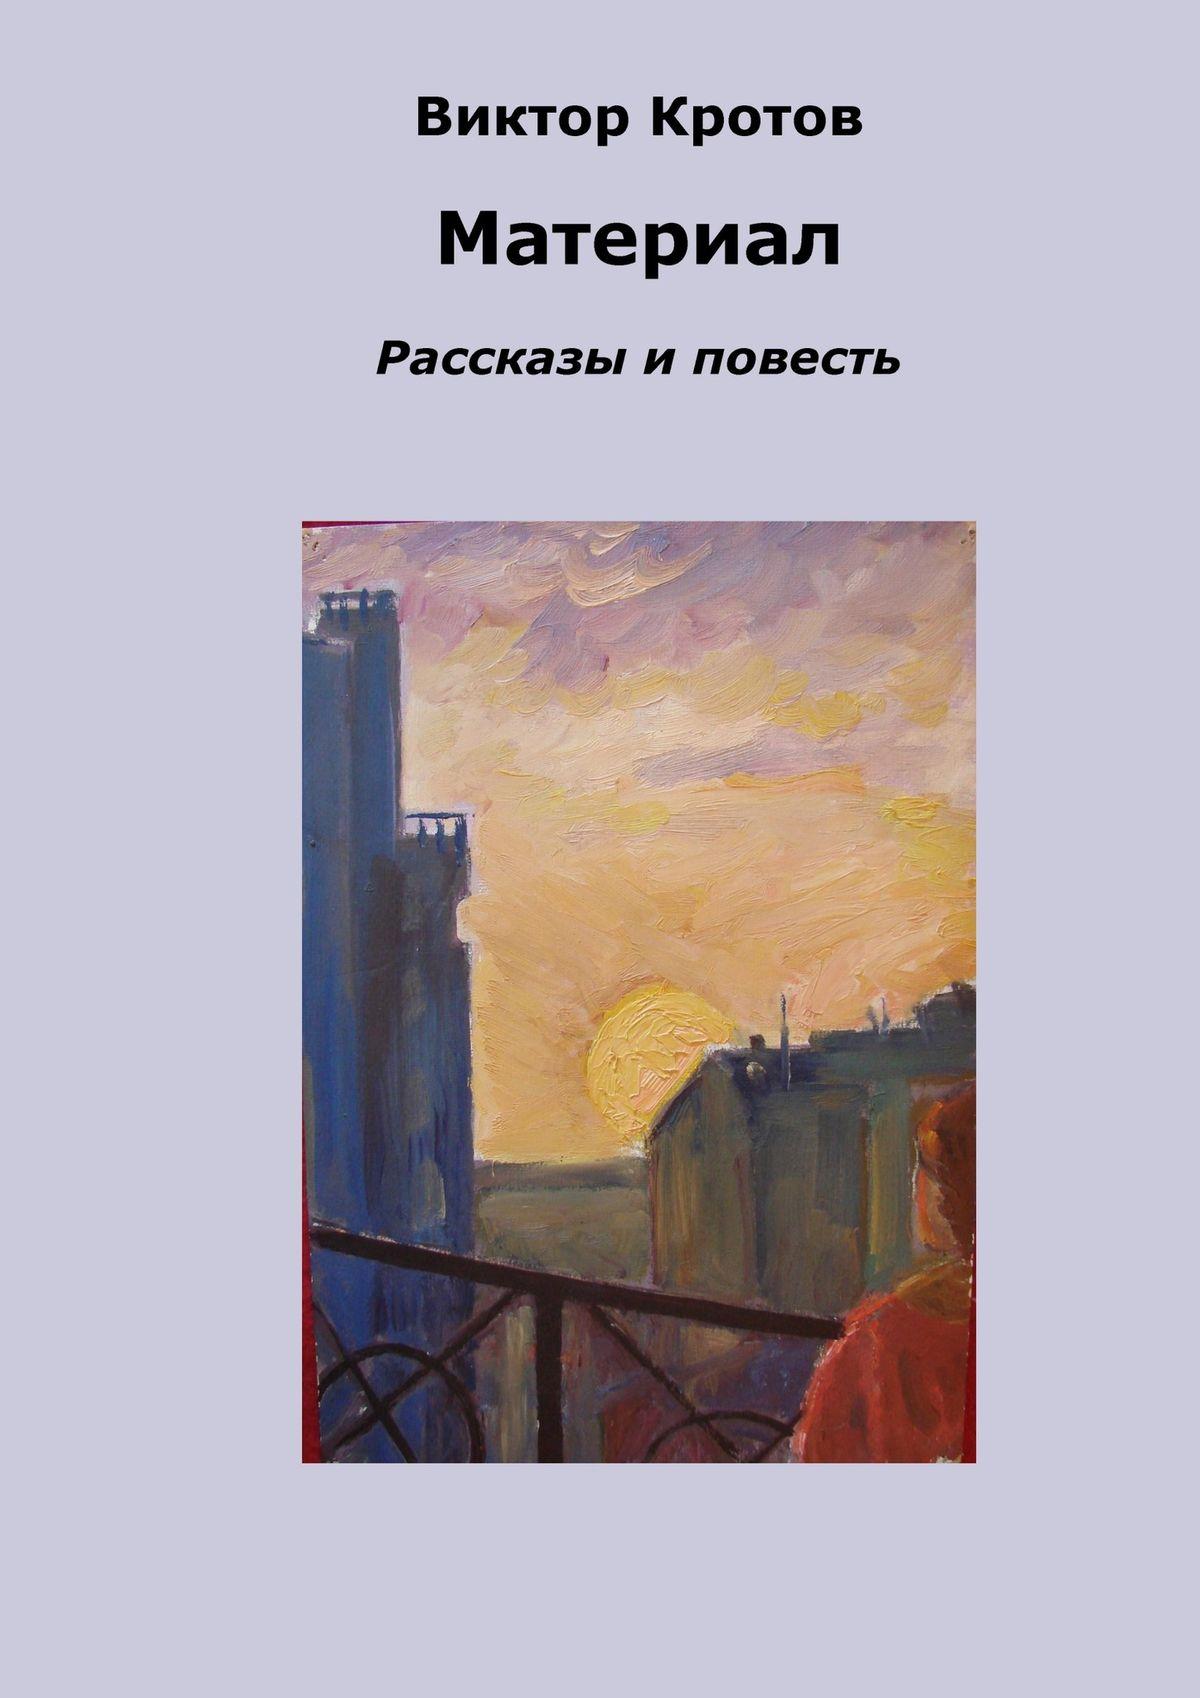 Виктор Гаврилович Кротов Материал. Рассказы и повесть цены